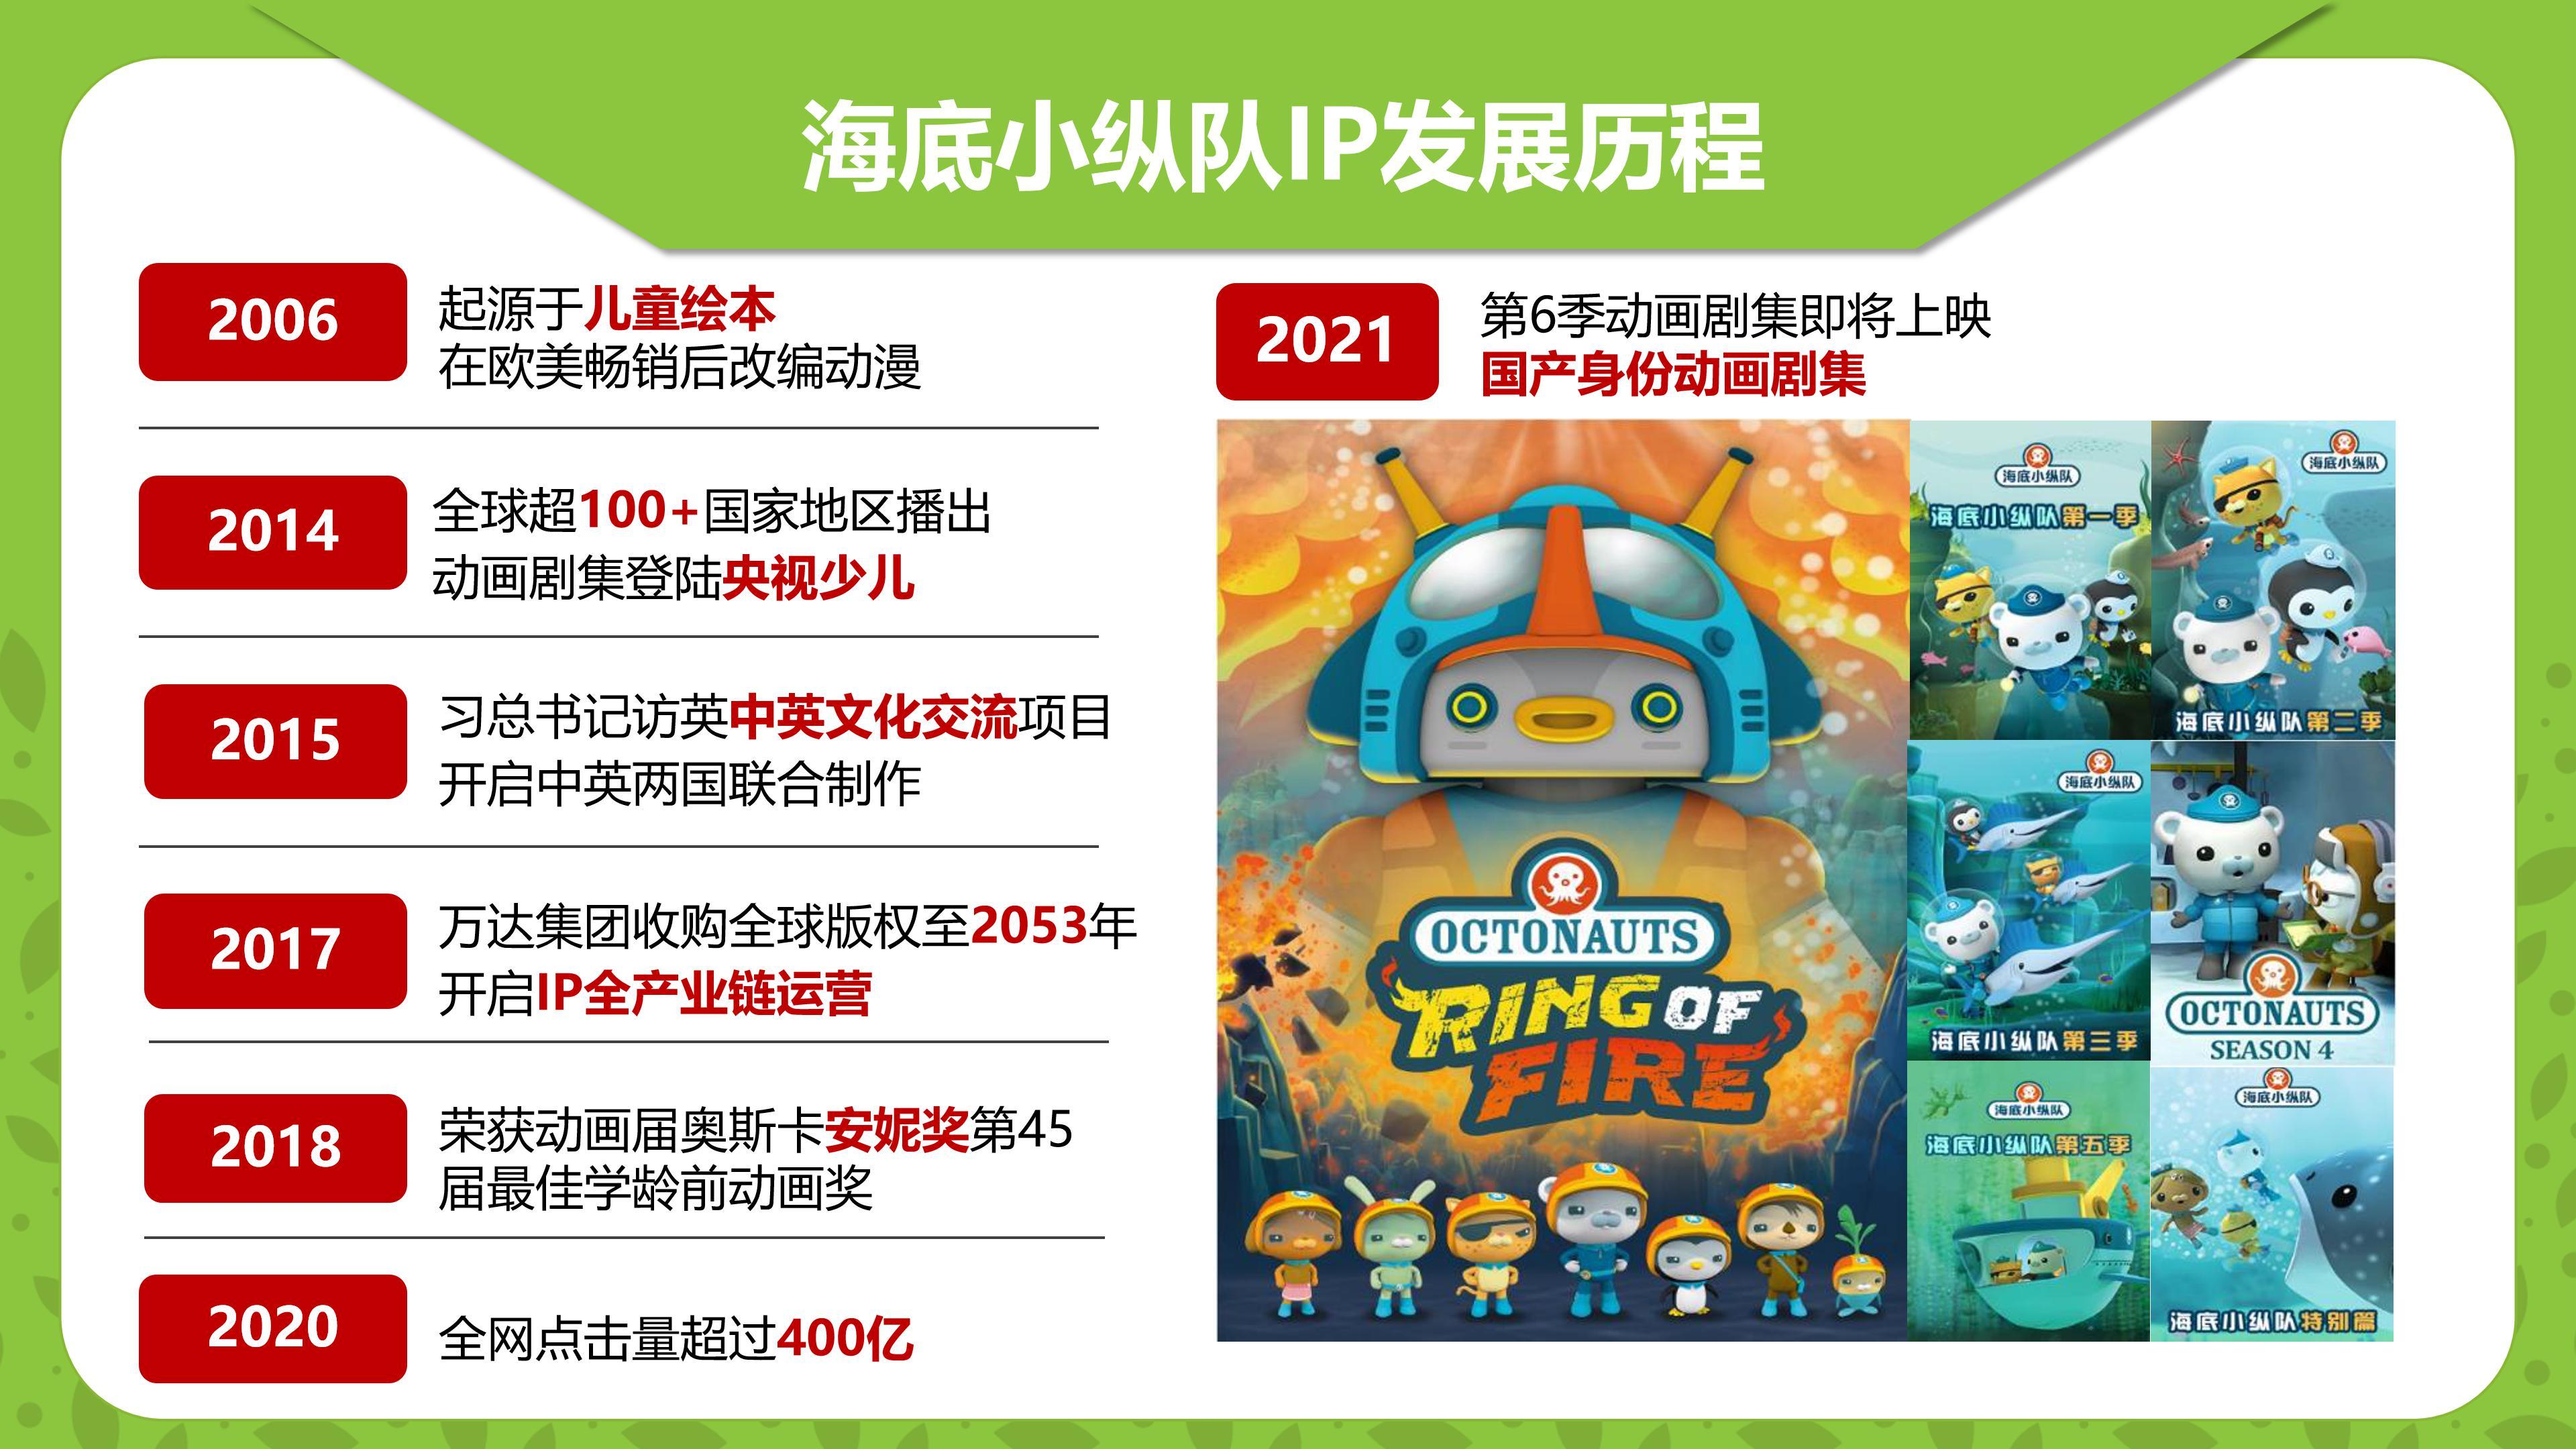 (202105对外版)-万达宝贝王IP介绍_12.jpg